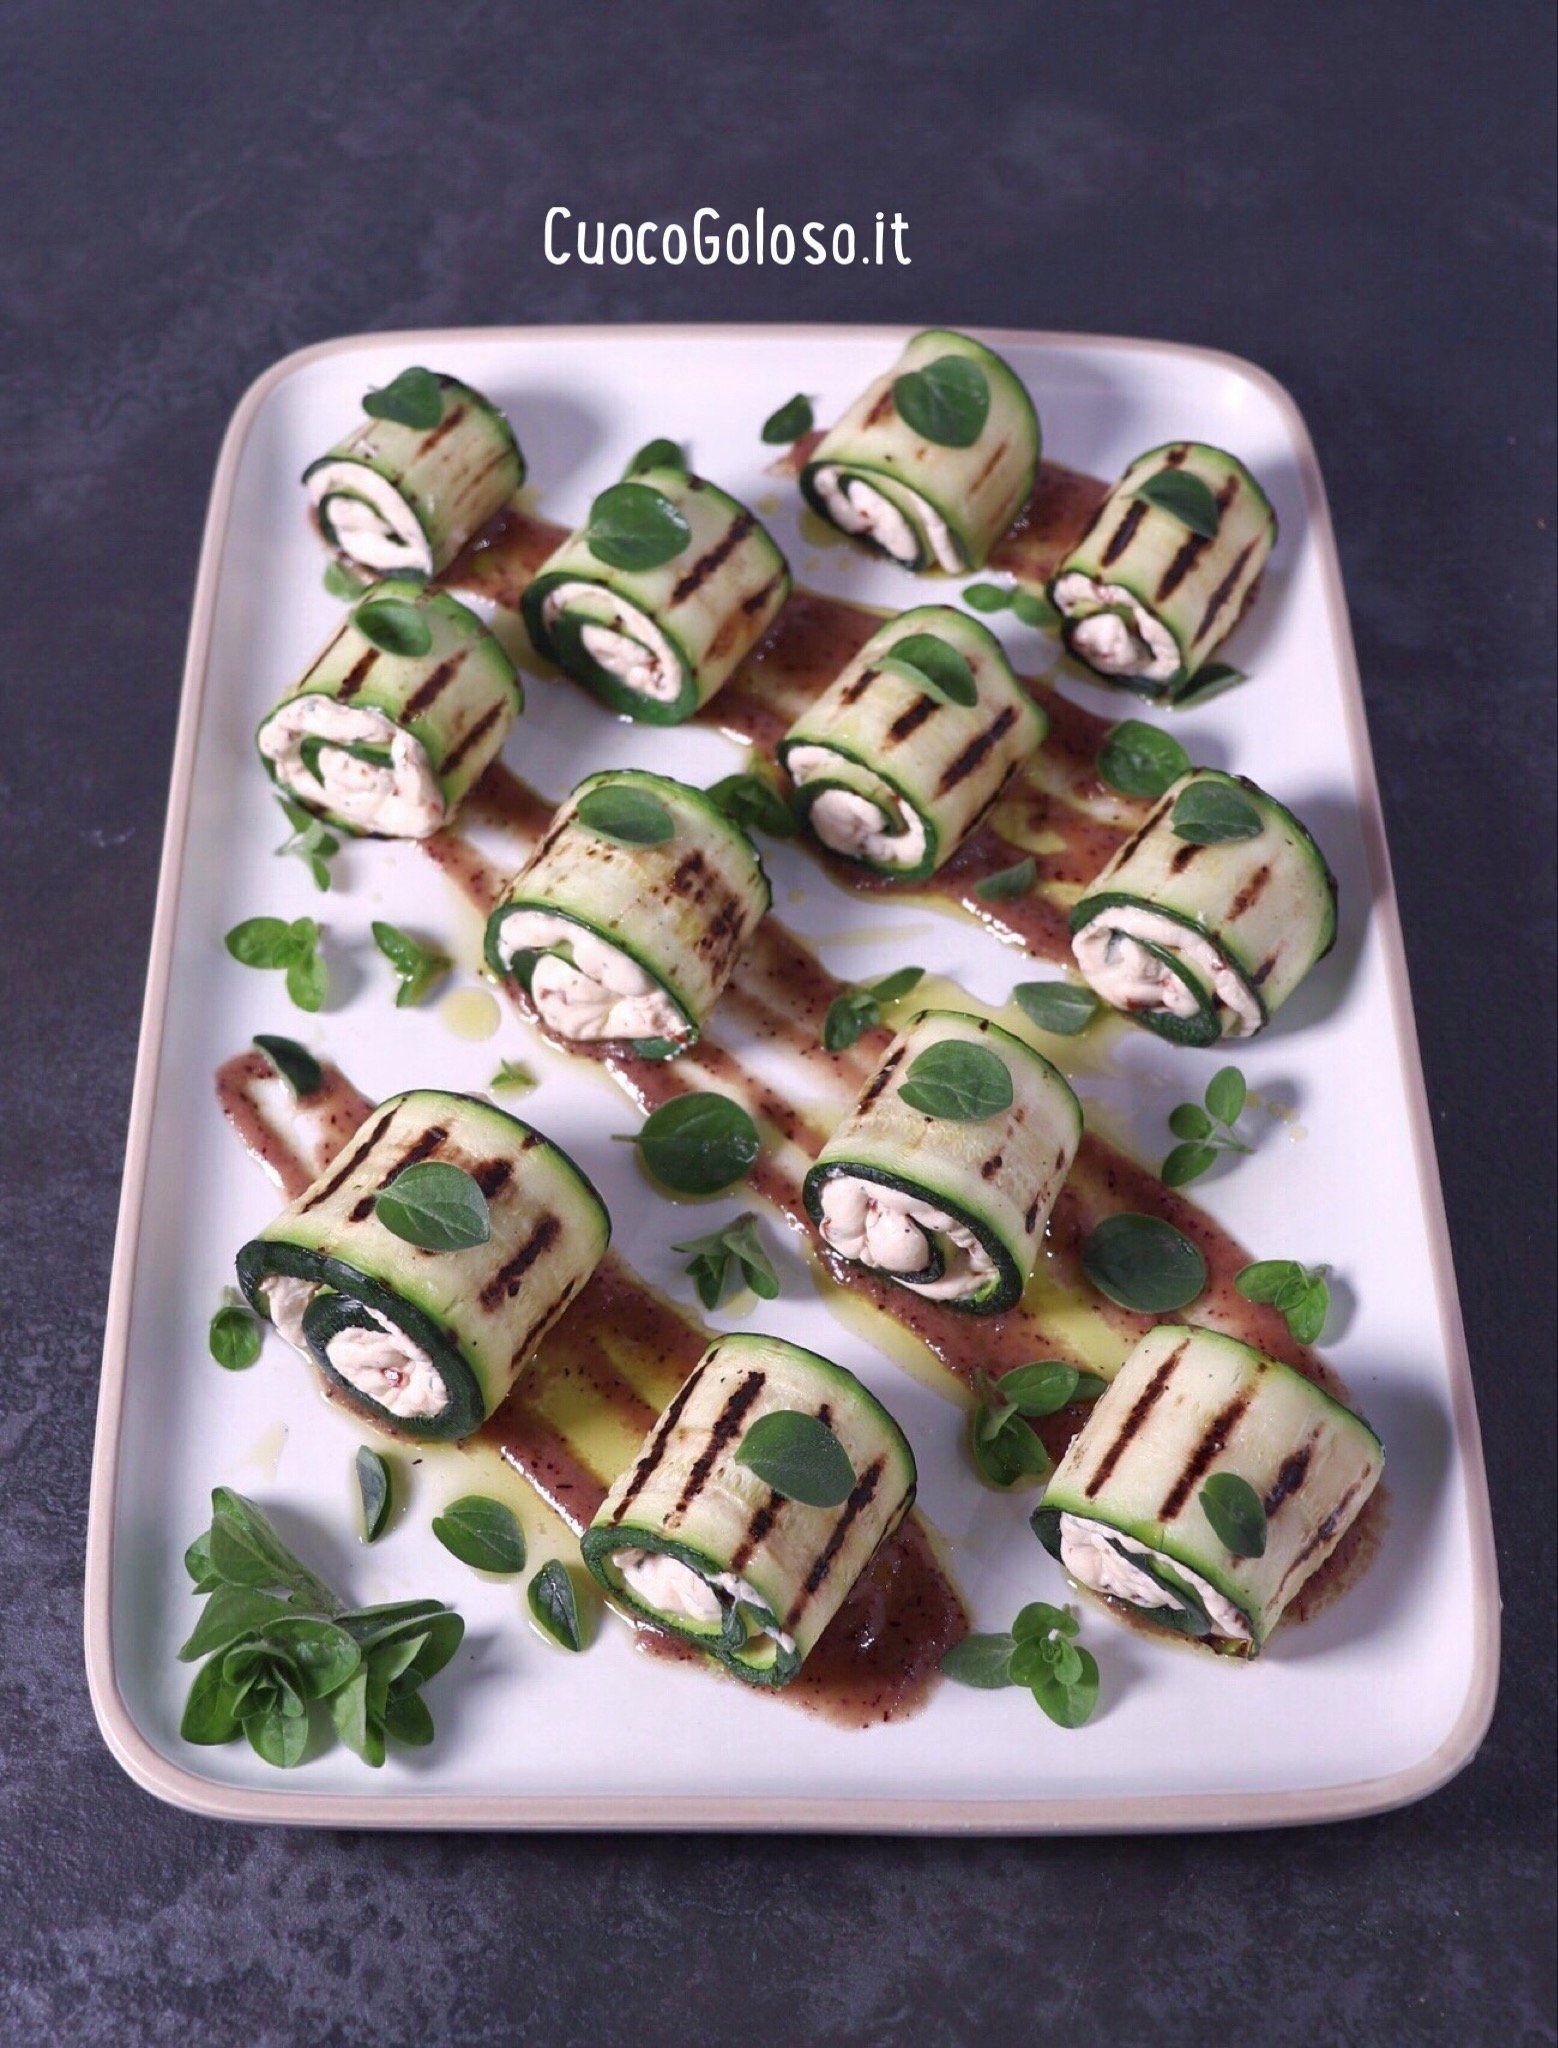 Involtini di Zucchine con Robiola, Pomodori Secchi e Origano Fresco con Salsa ai Mirtilli